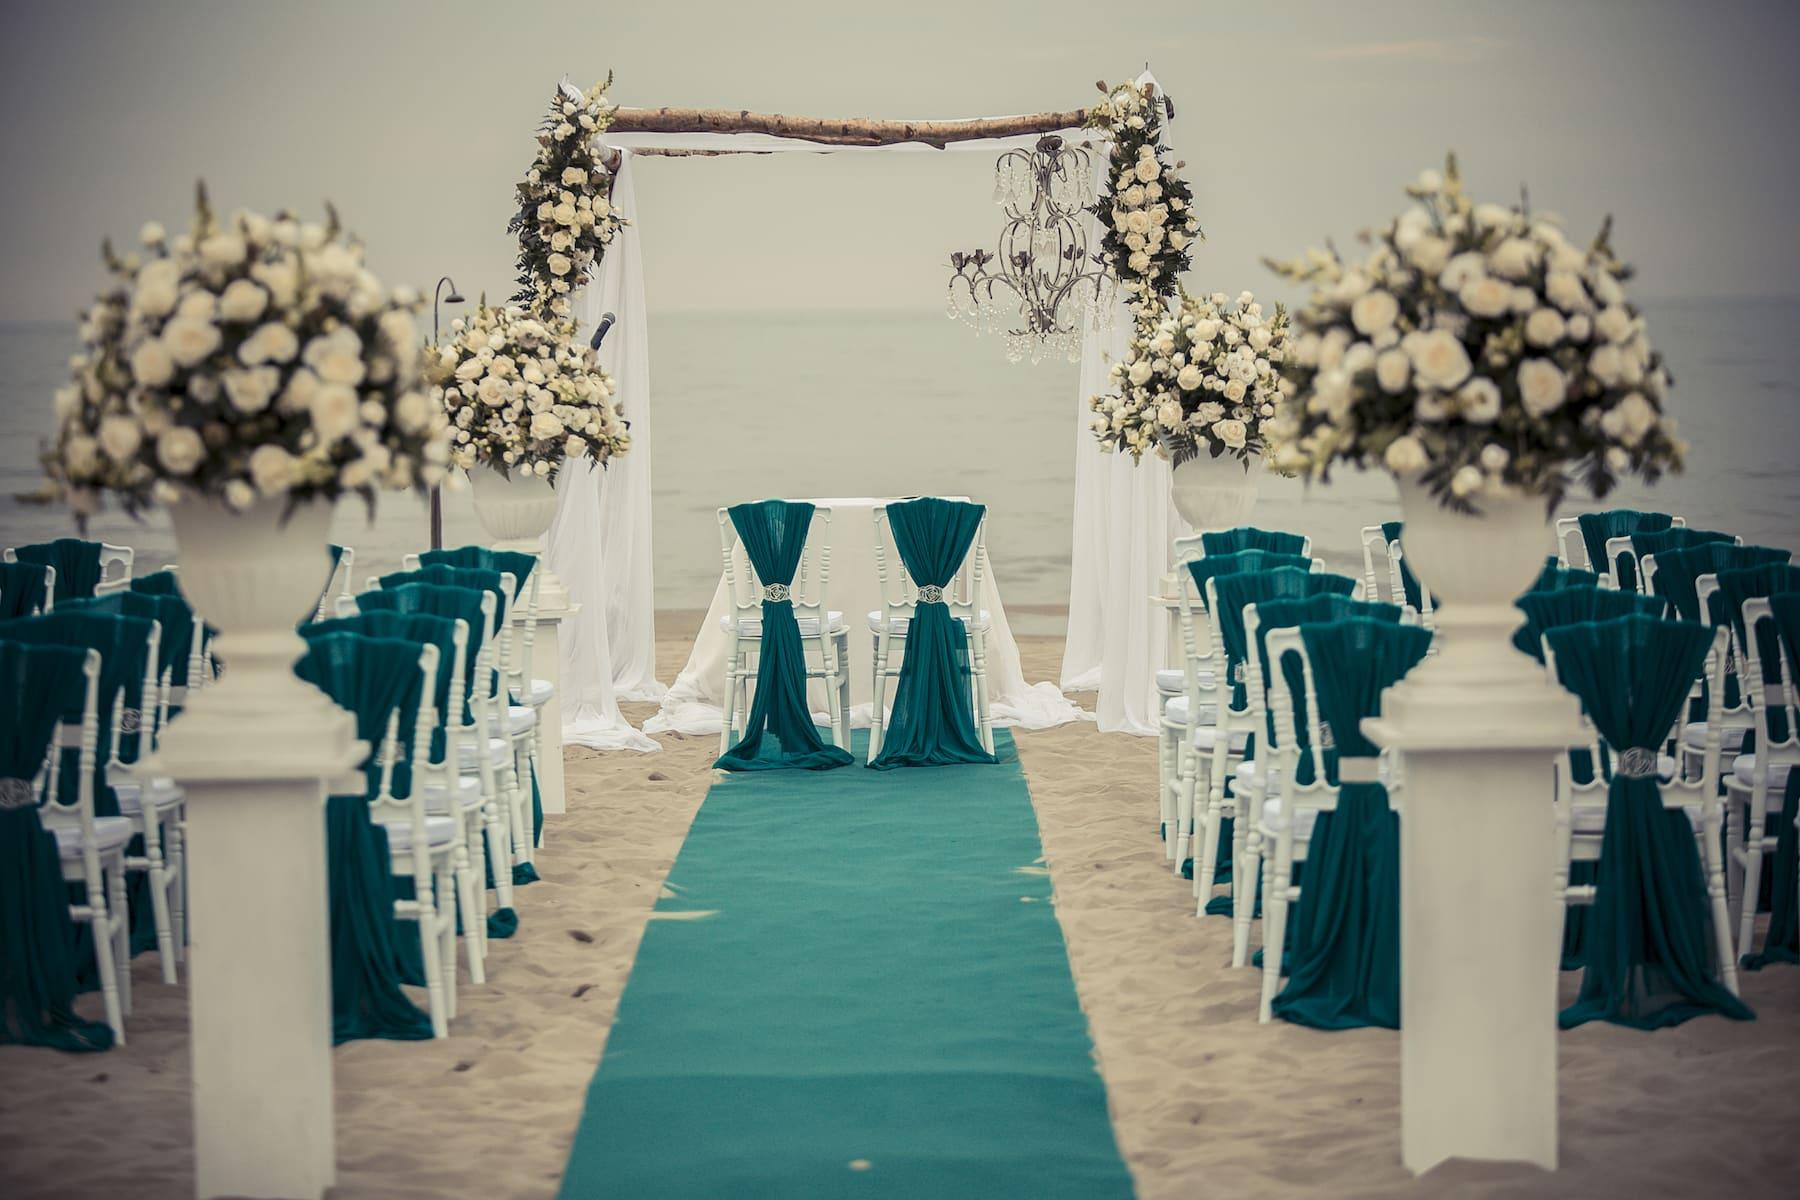 Location Matrimoni Spiaggia Jesolo : Matrimonio in spiaggia sposarsi al mare in versilia è bellissimo